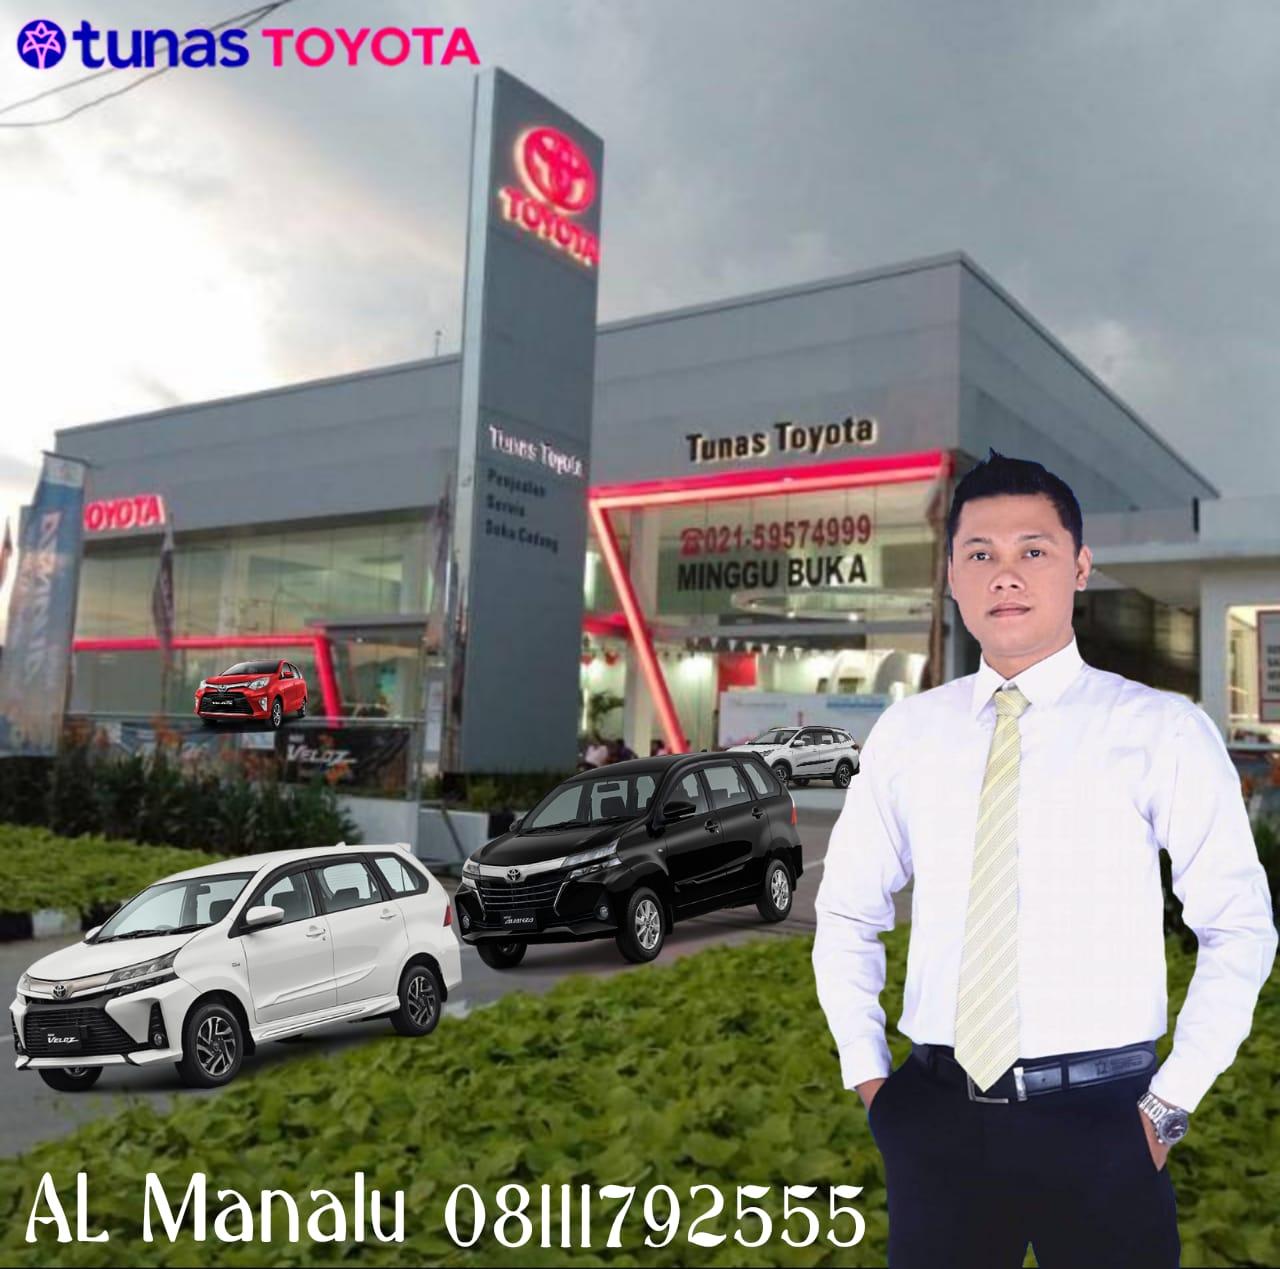 AL Manalu